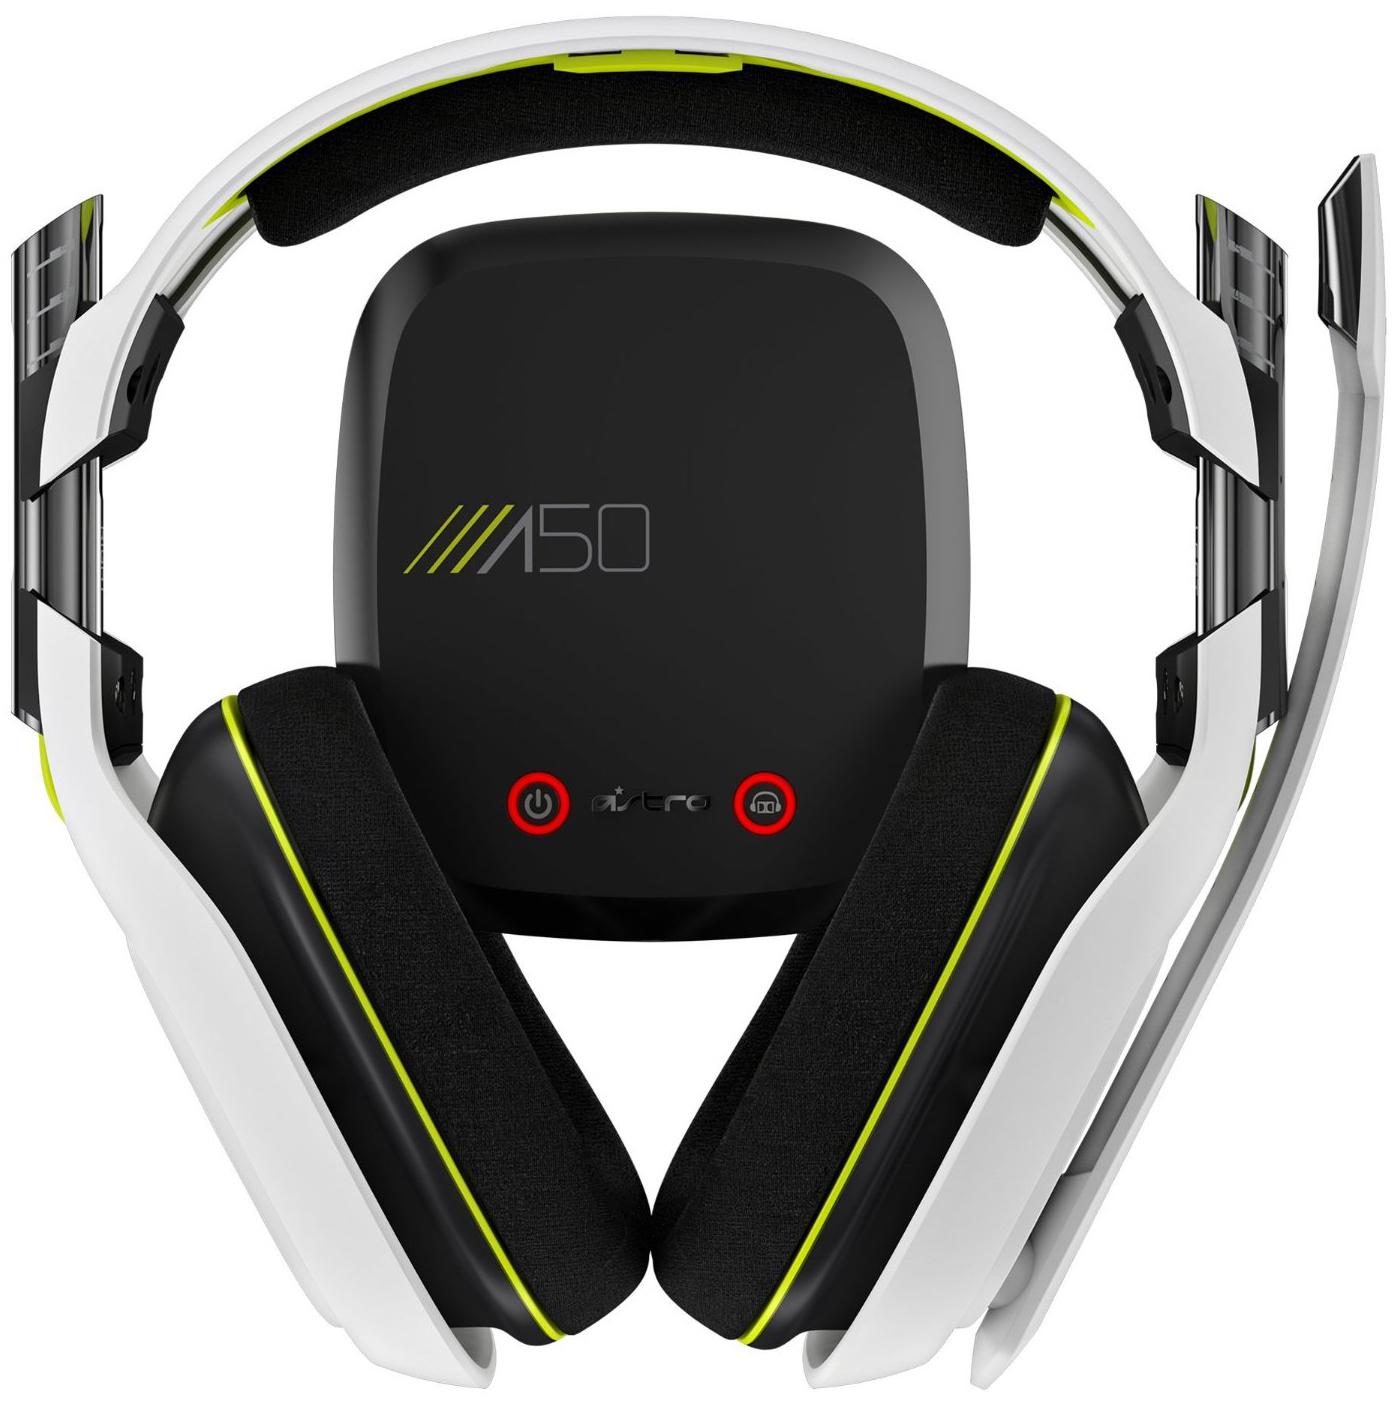 Astro HALO A50 Wireless